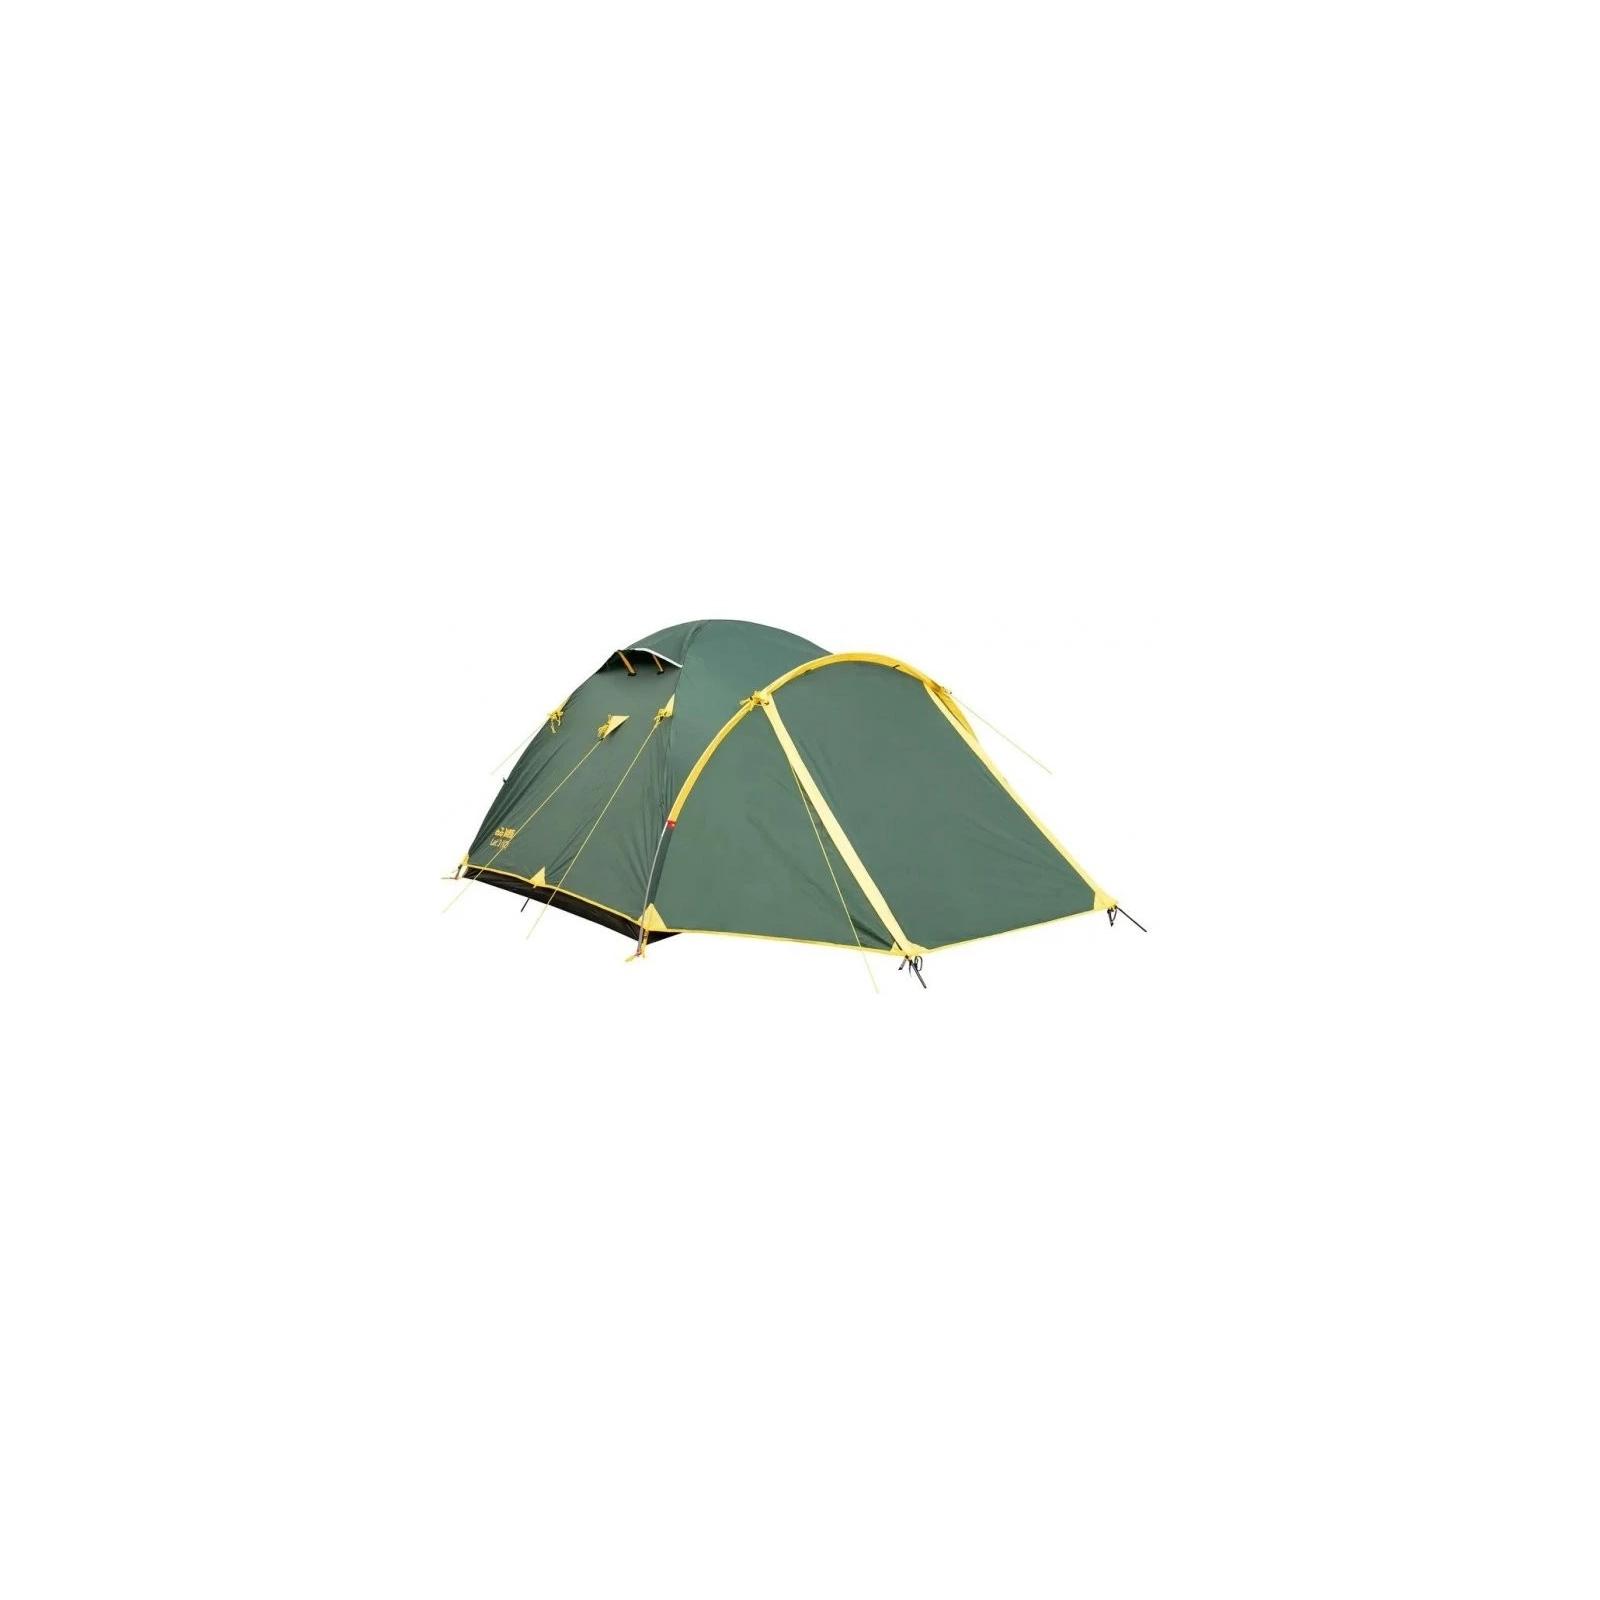 Палатка Tramp Lair 3 v2 (TRT-039) изображение 2